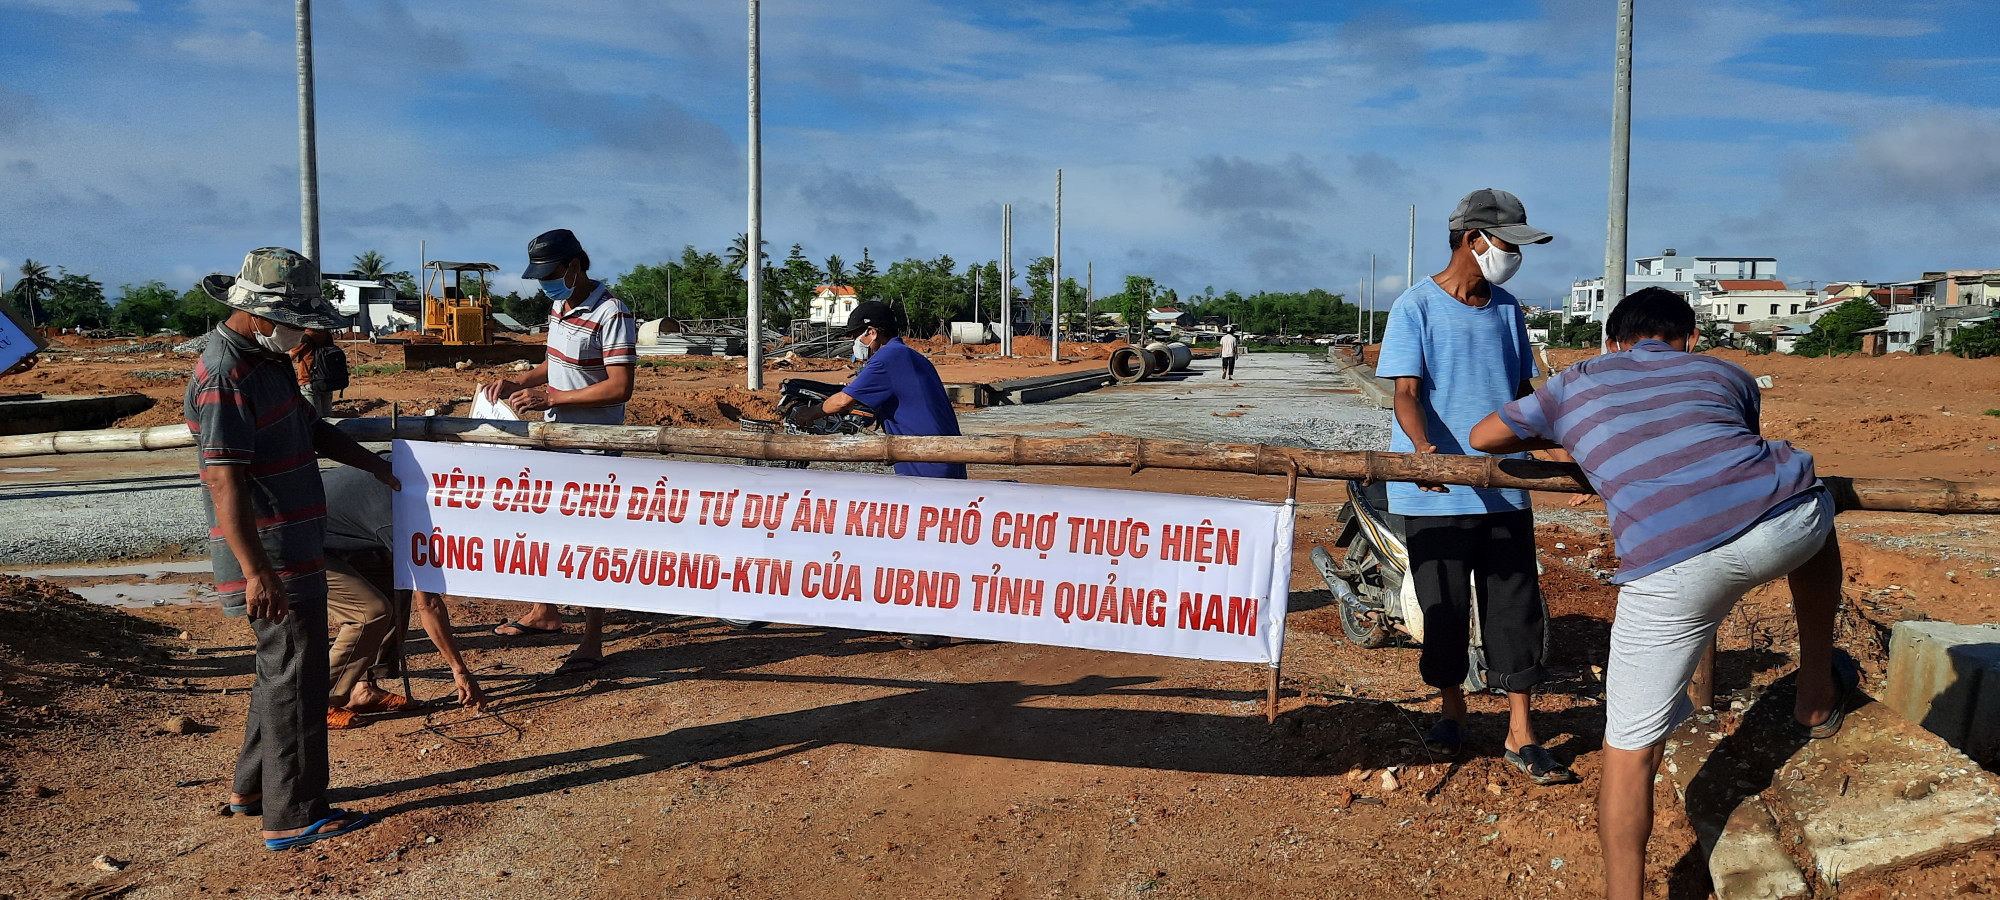 Sáng 21/9, hàng trăm người dân xã Tam Đàn đã kéo băng rôn yêu cầu dừng thi công để phản ứng trước những bất cập chưa được giải quyết